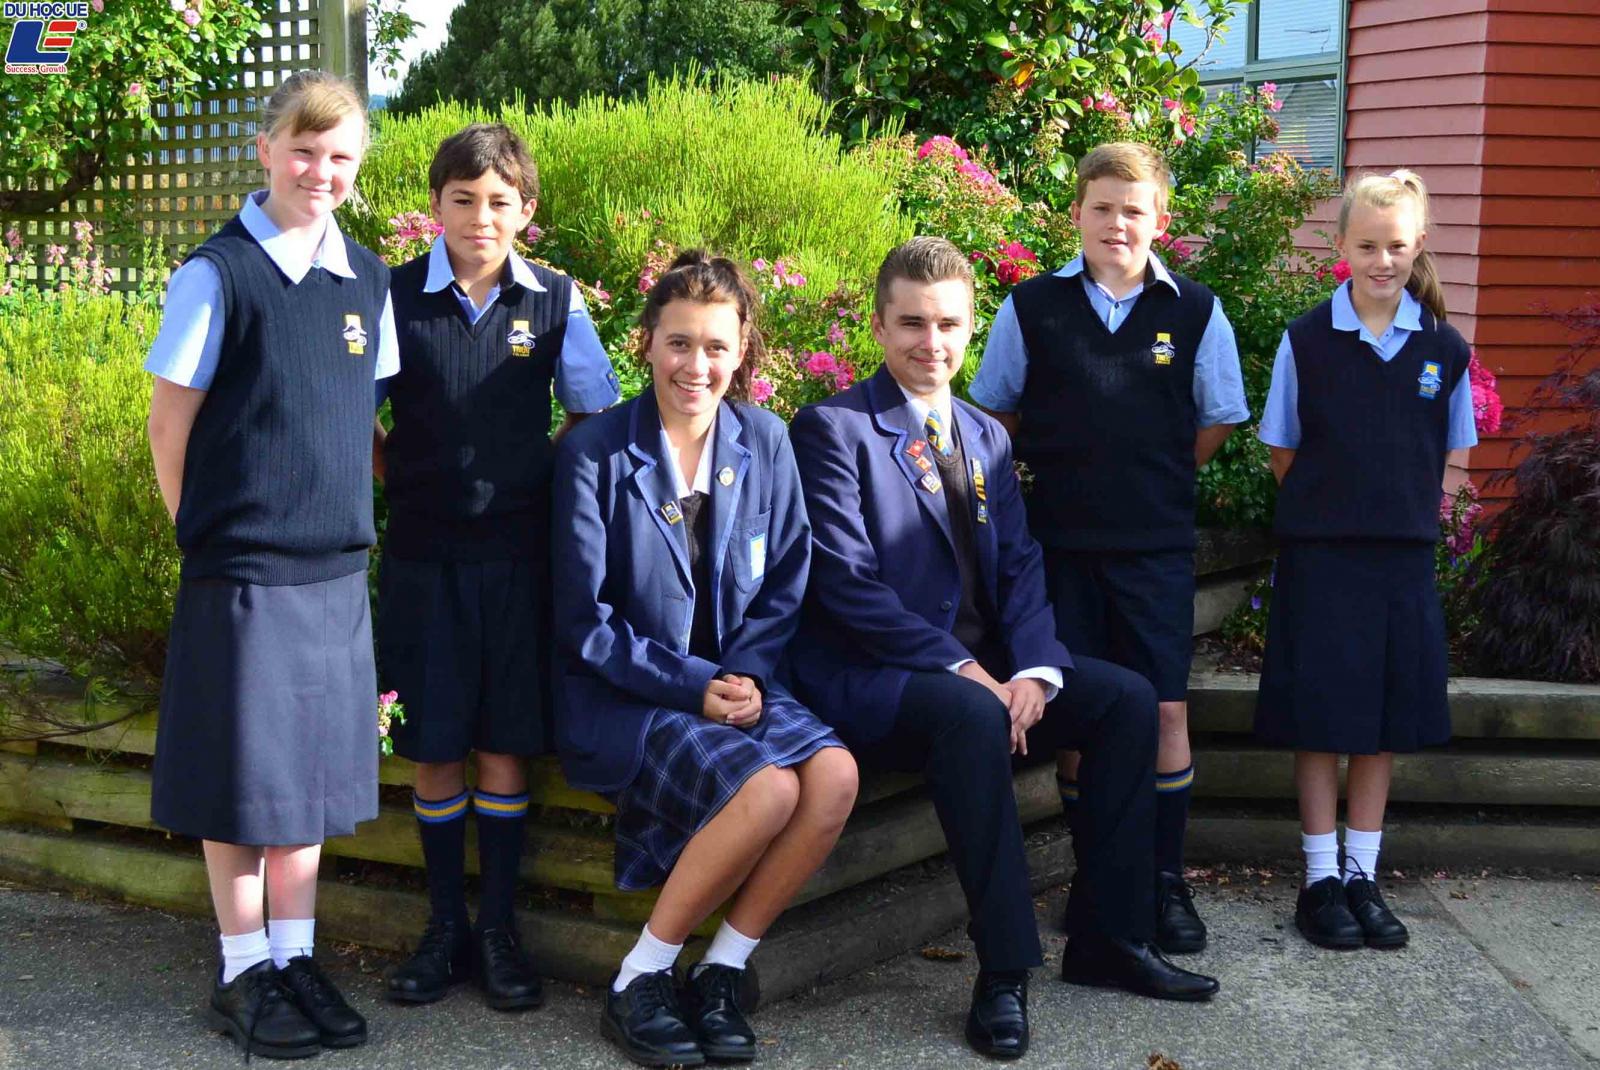 Học bổng hấp dẫn của chính phủ New Zealand dành cho chương trình trung học phổ thông vào trường Taieri College 2